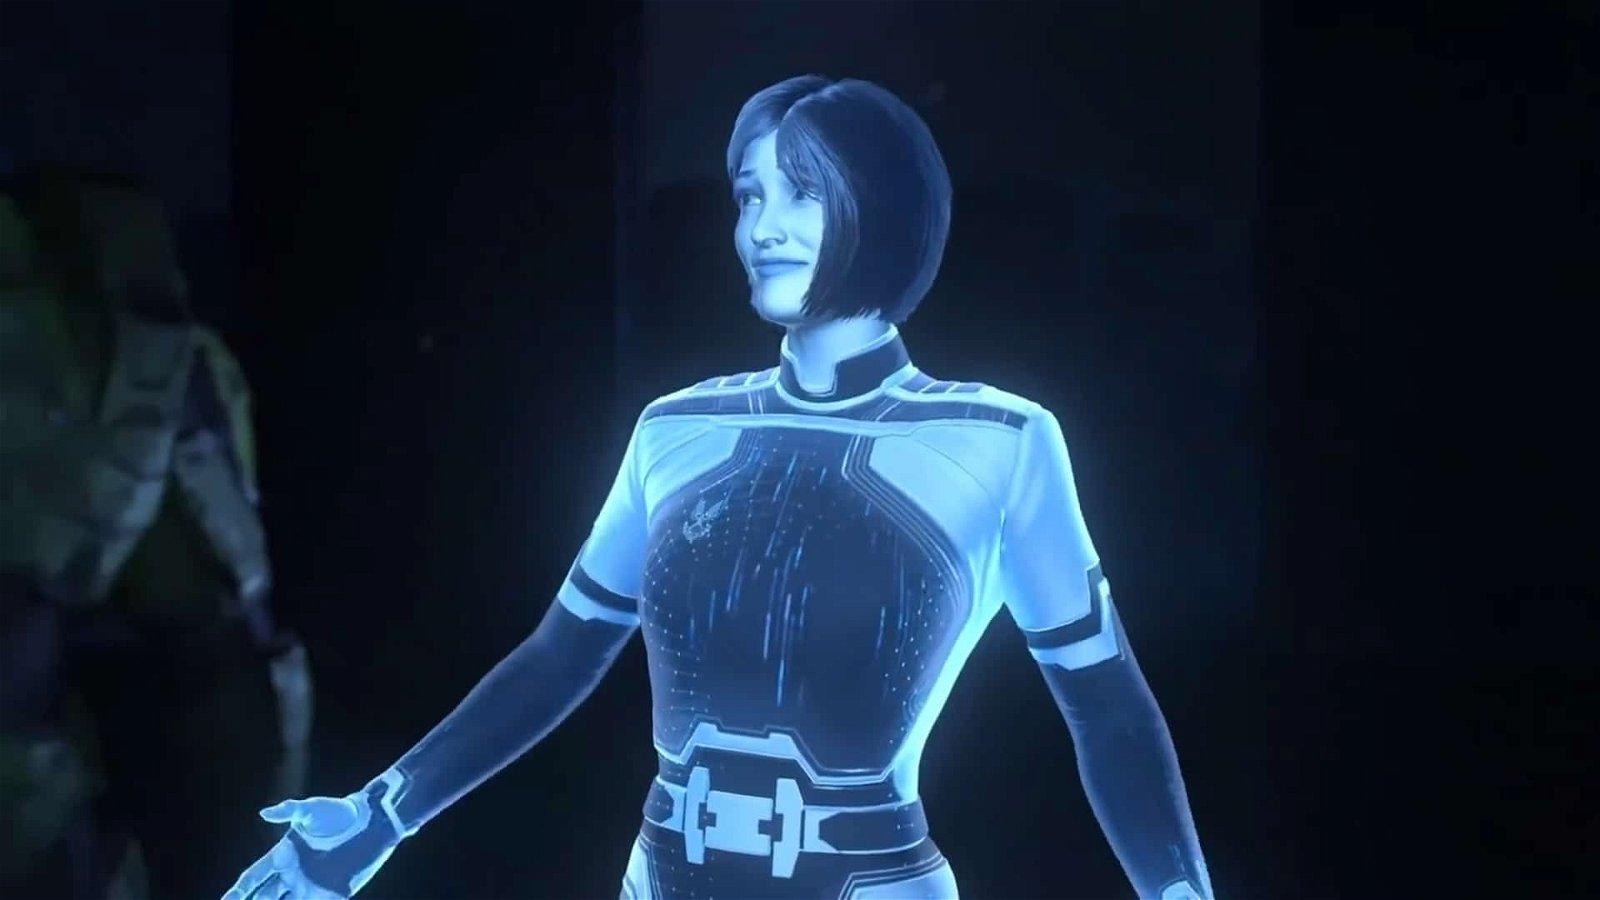 Halo Infinite - That's not Cortana-5